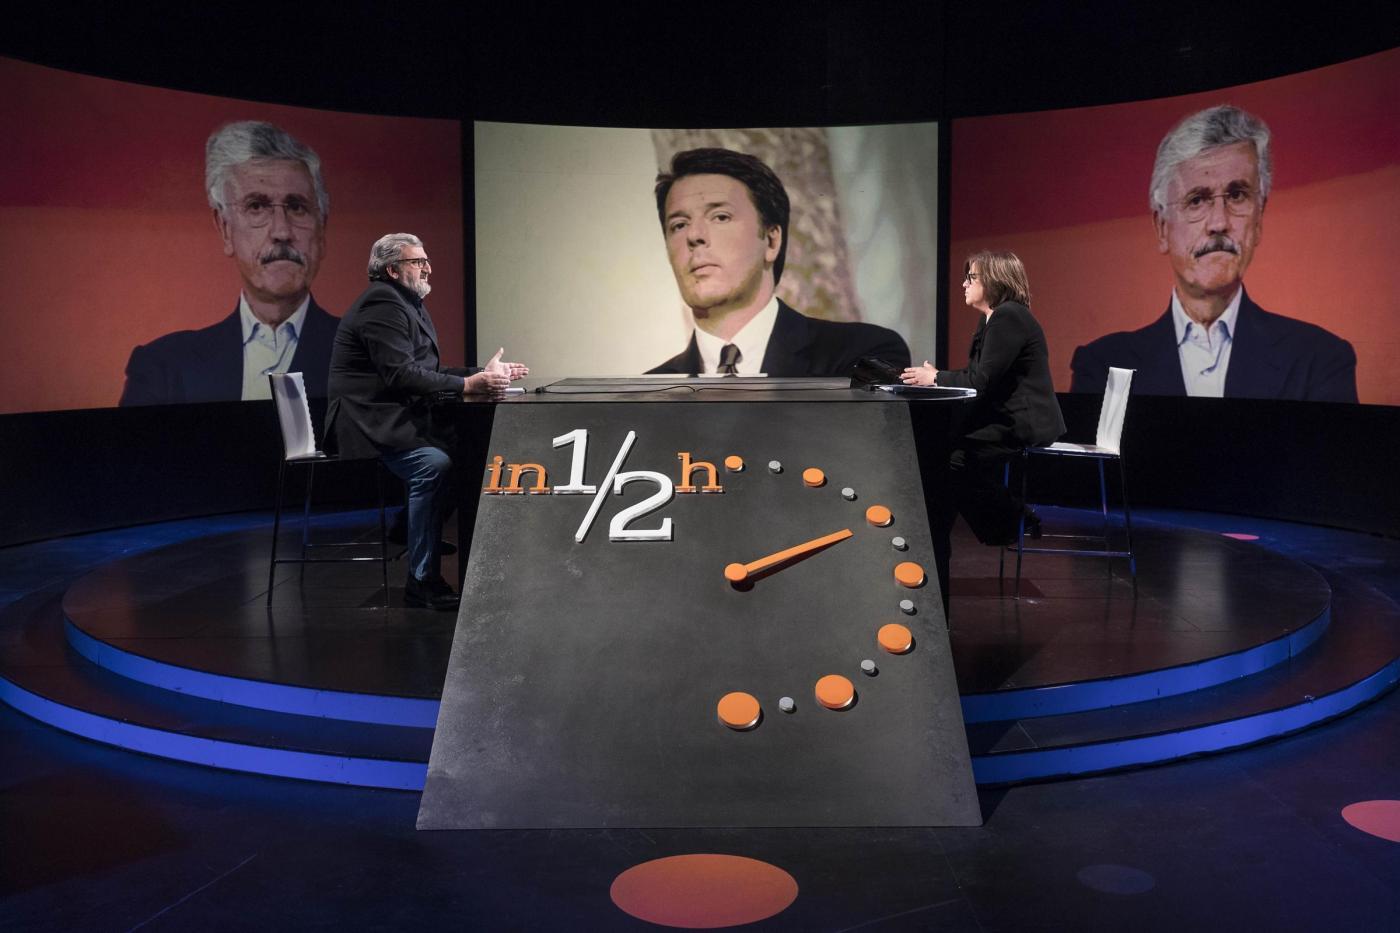 Scissione Pd diretta live: ufficiali le dimissioni di Renzi